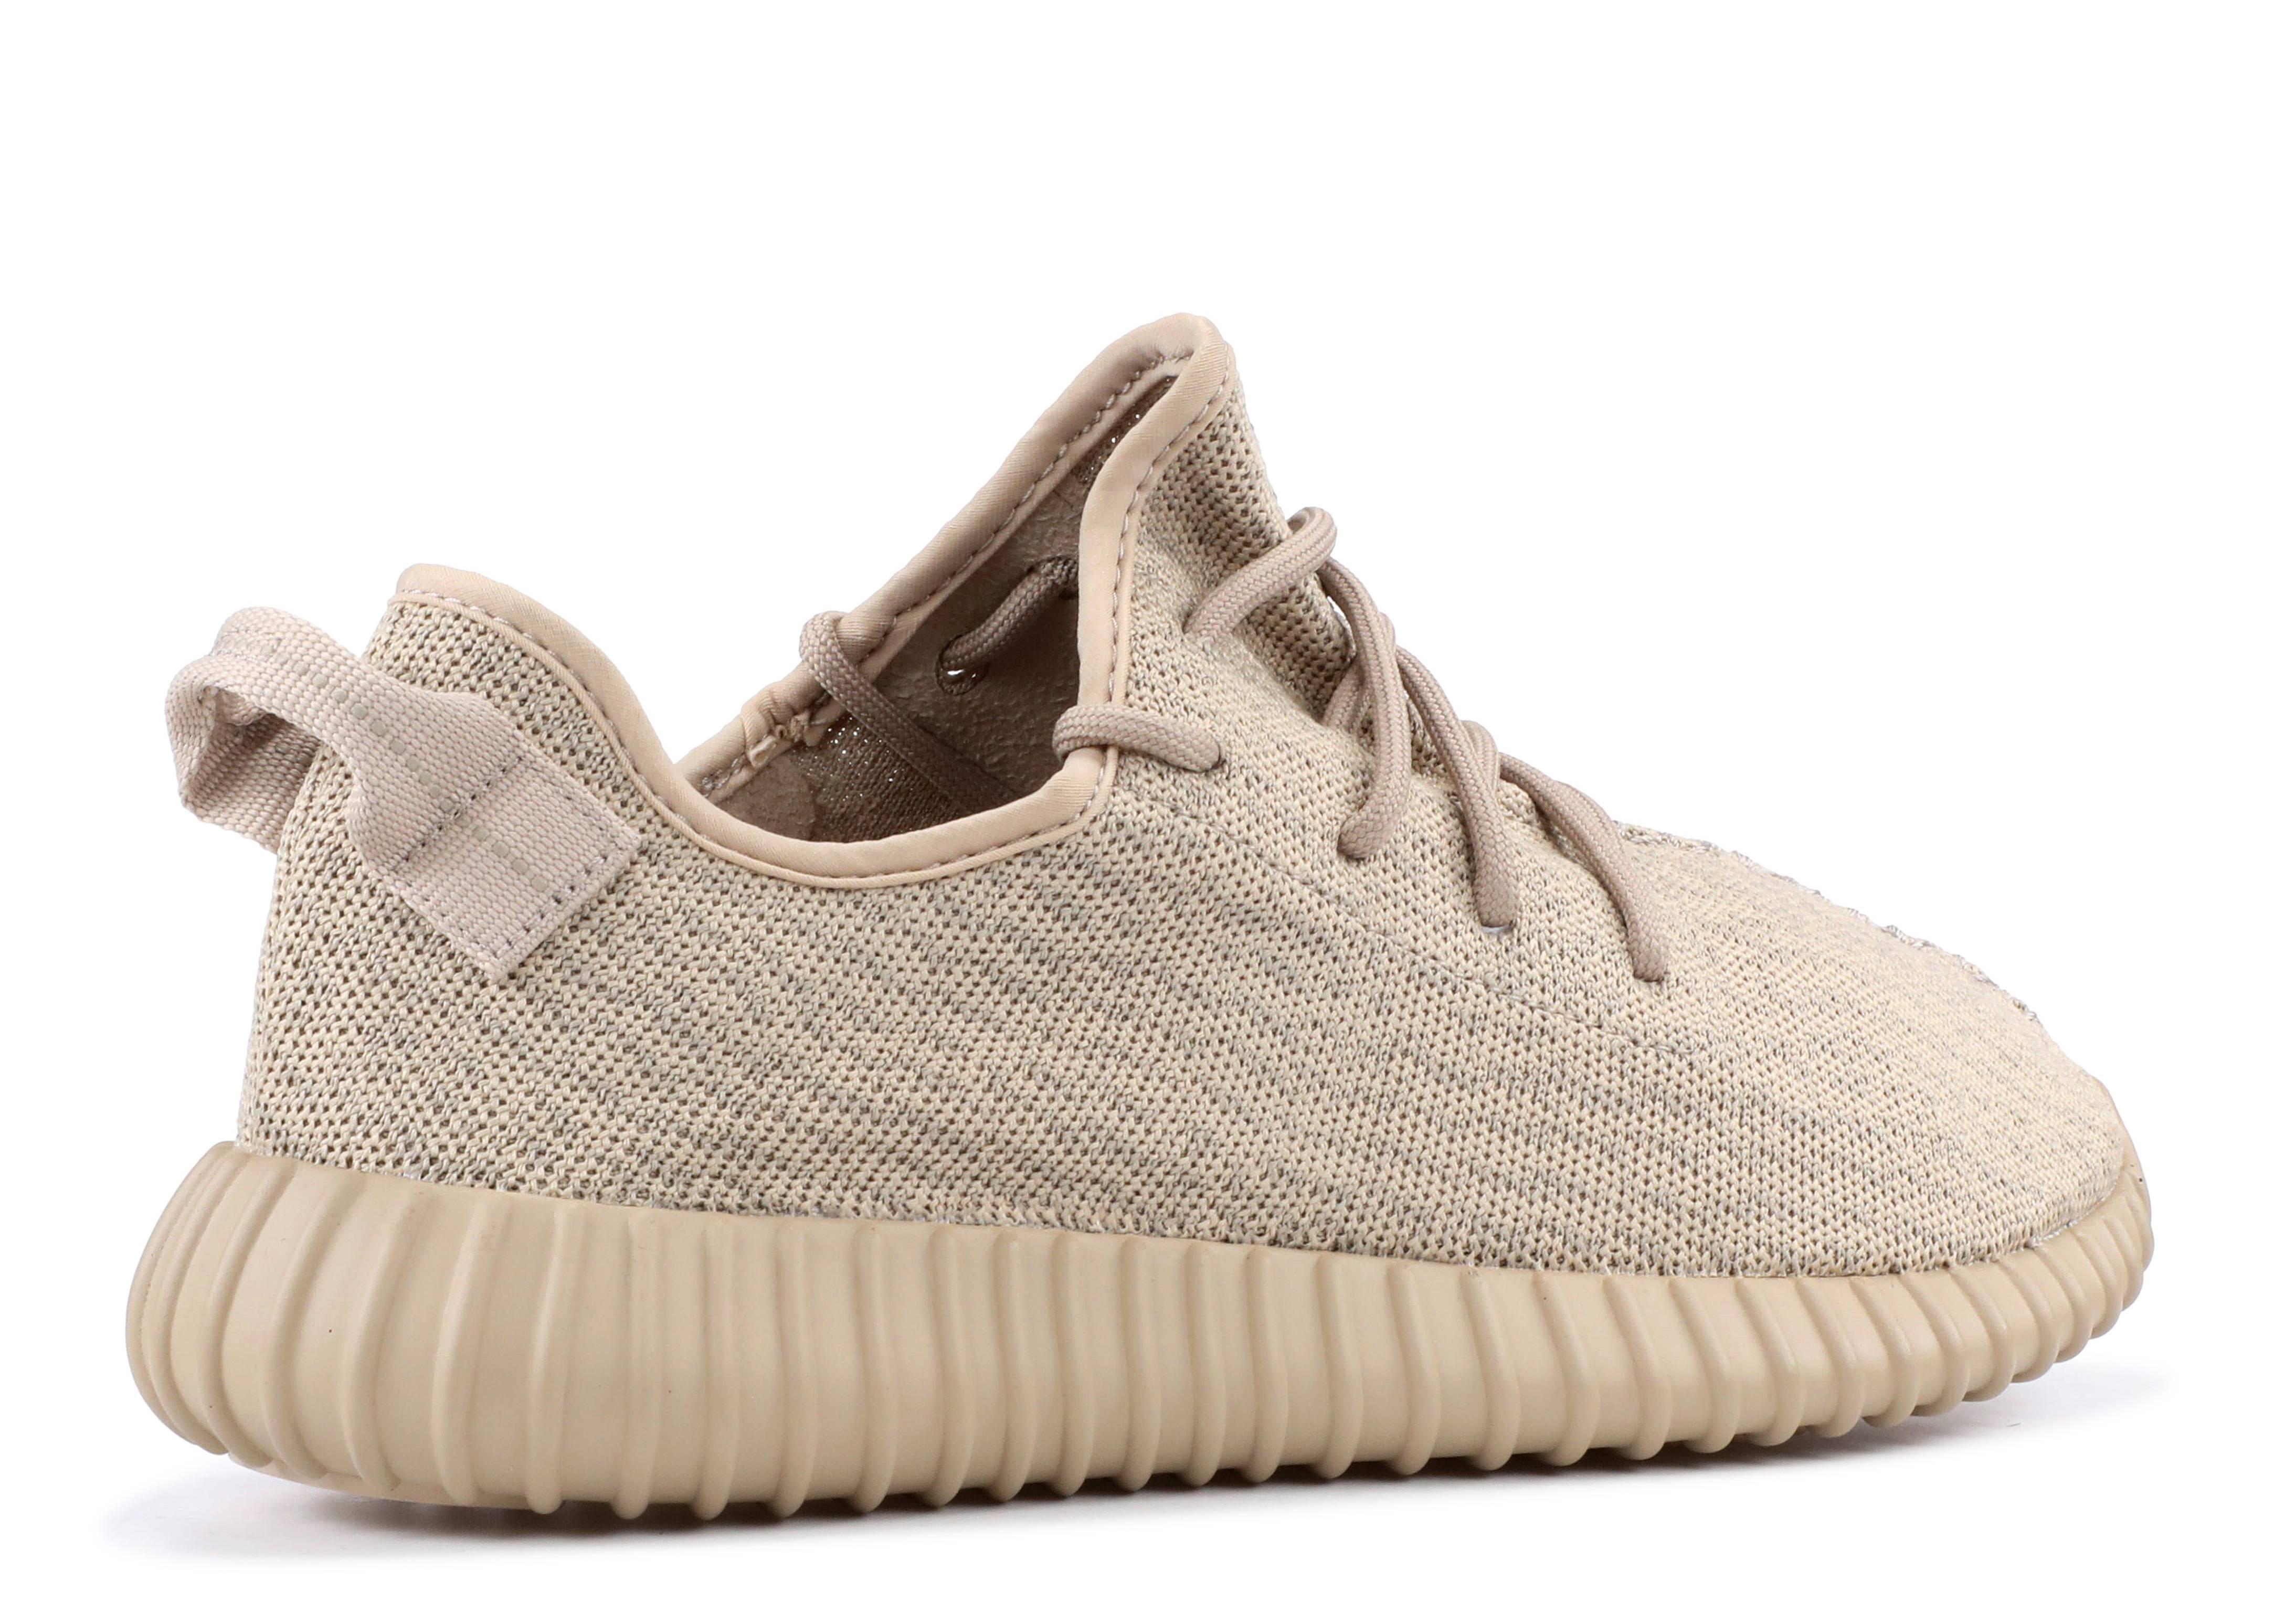 Adidas Yeezy Boost 350 V2 Zebra White CP9654 SPLY Kanye